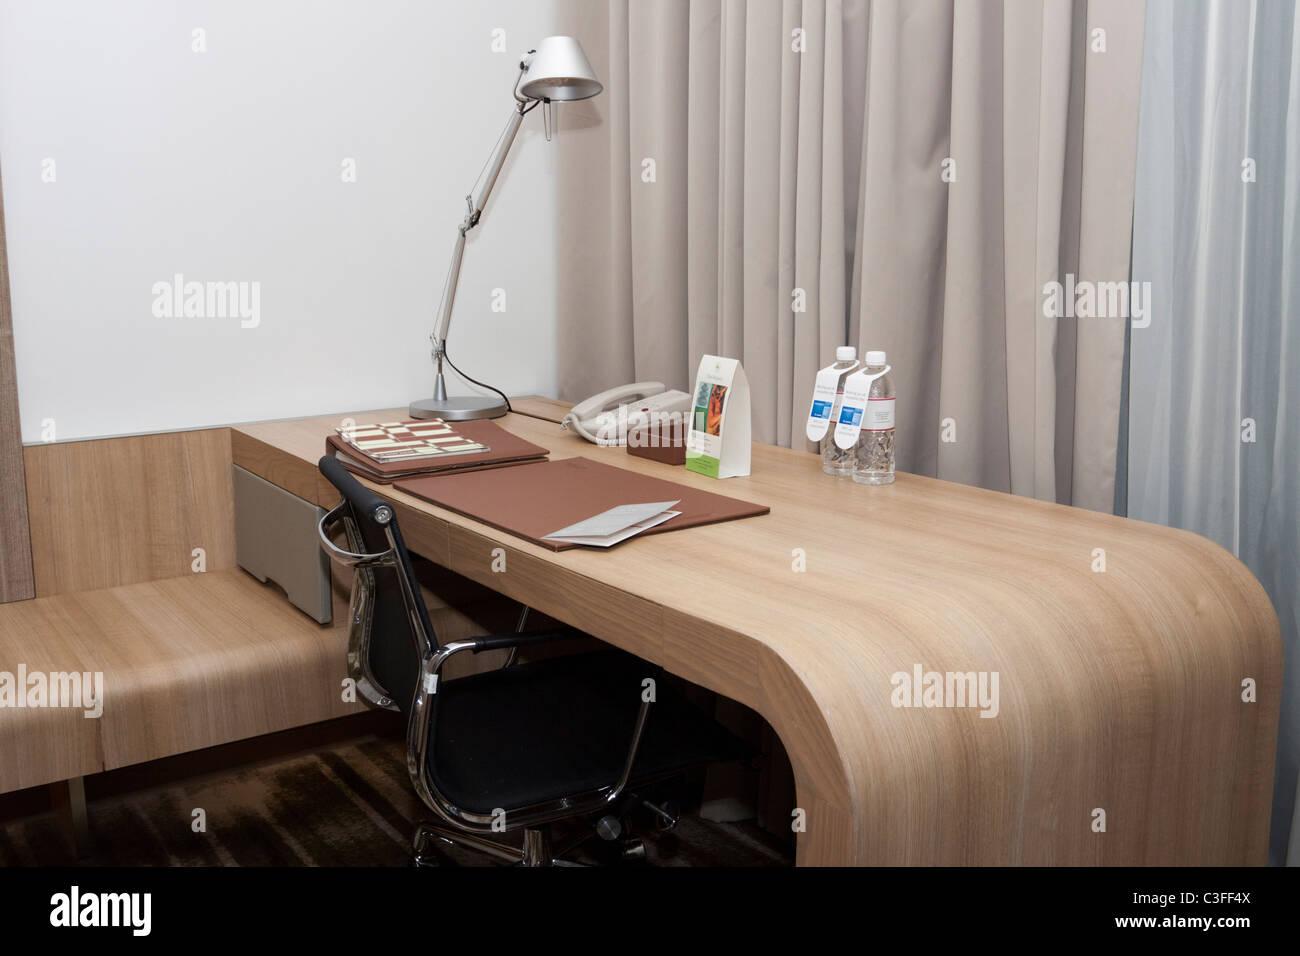 Business Desk en una habitación de hotel, mostrando la lámpara,teléfono,silla y botellas de agua. Imagen De Stock